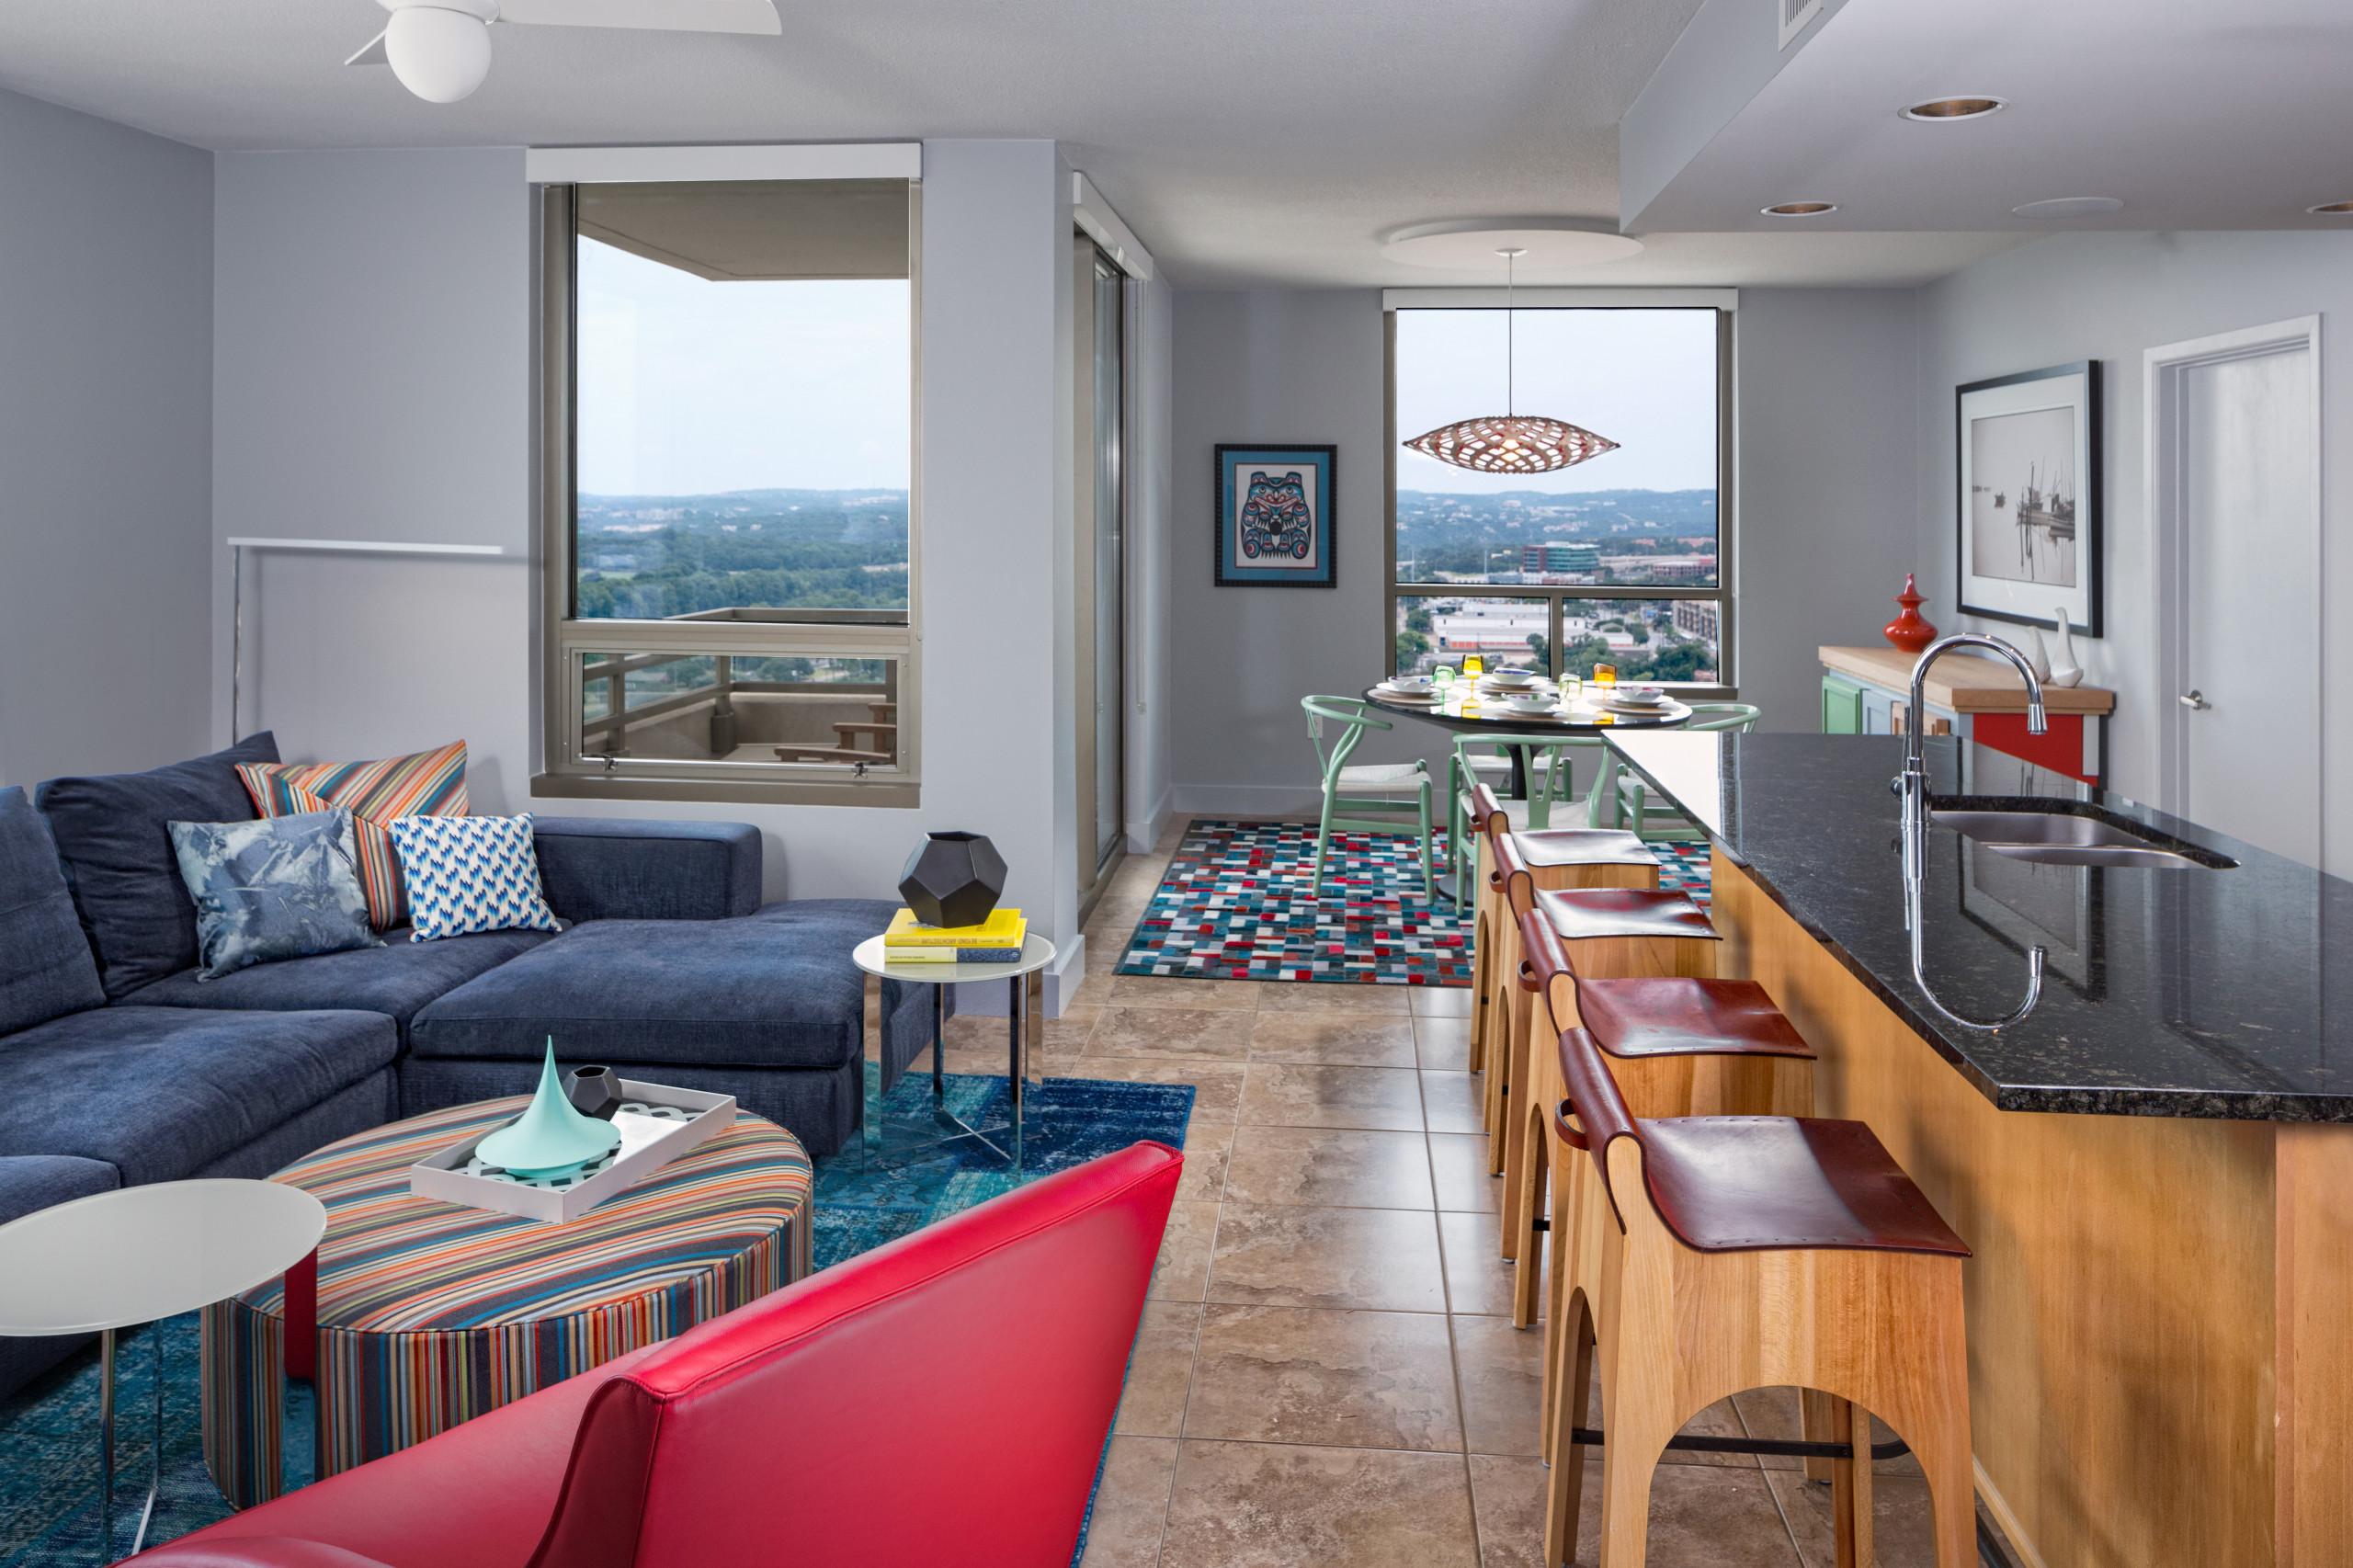 20+ Wohnzimmer mit grauer Wandfarbe und Linoleum Ideen & Bilder ...